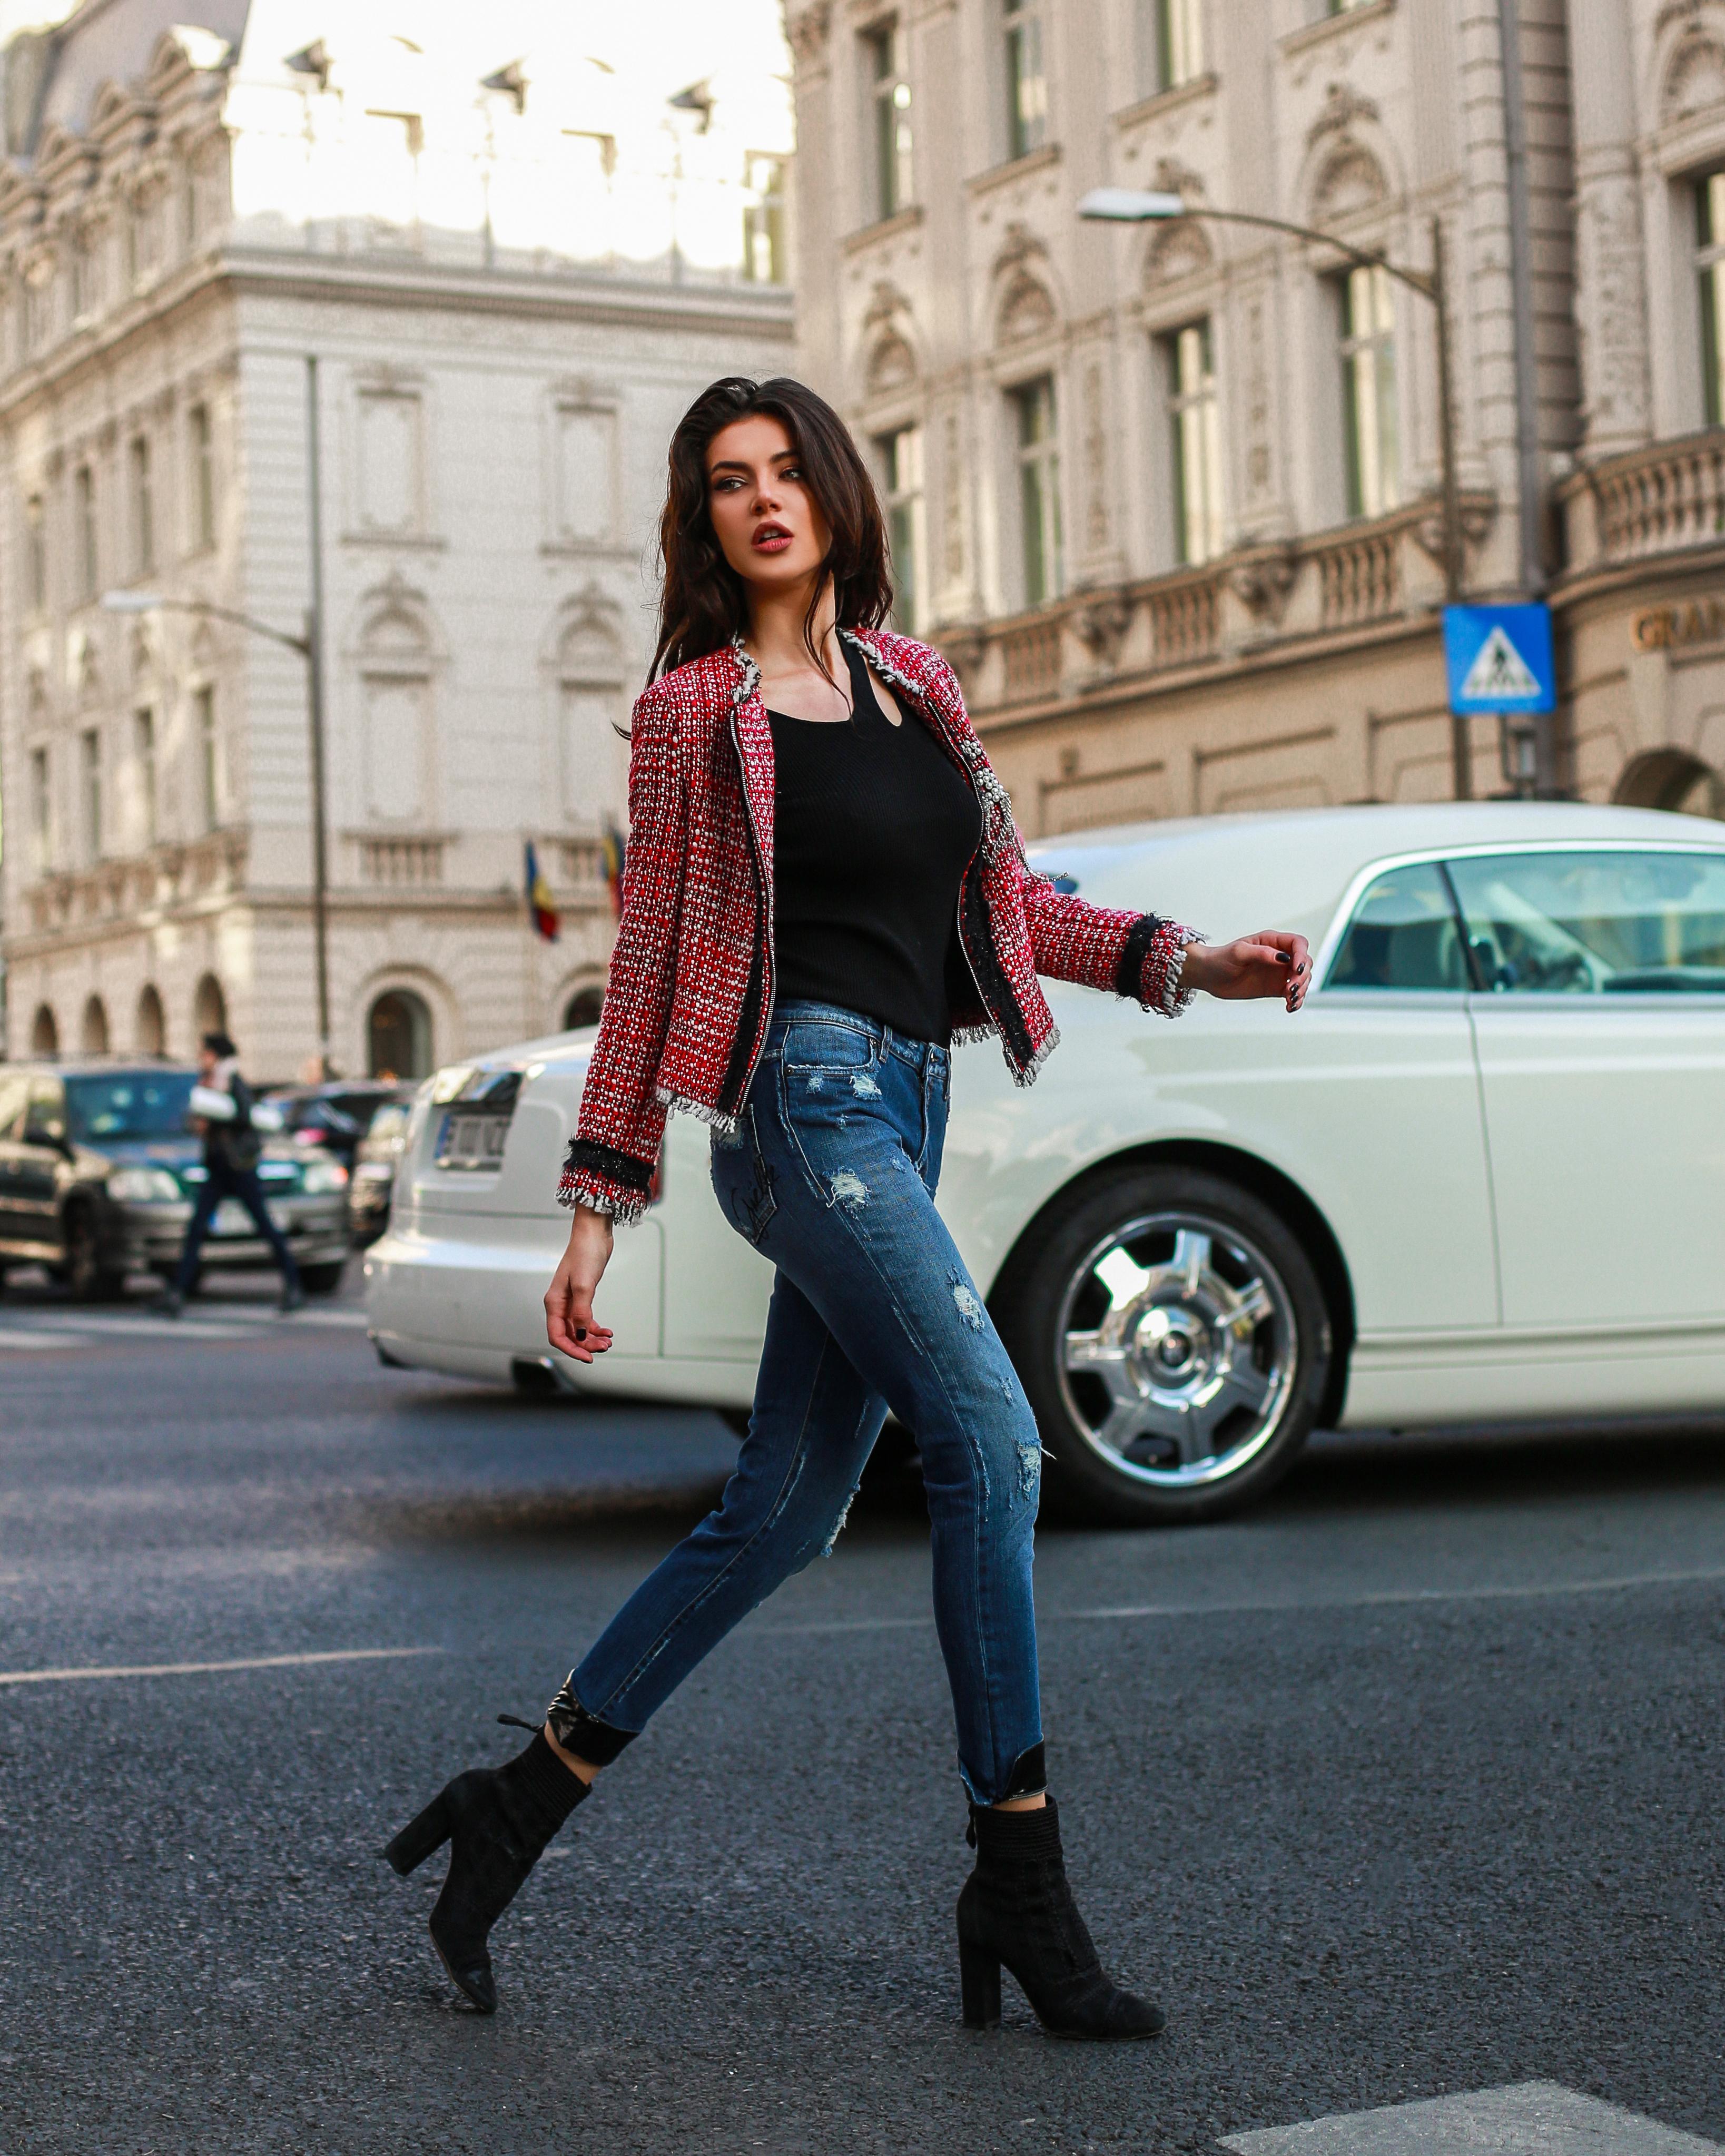 Inovatie, fashion si disciplina: Cum se vede Tokyo-ul prin ochii Cristinei Ich